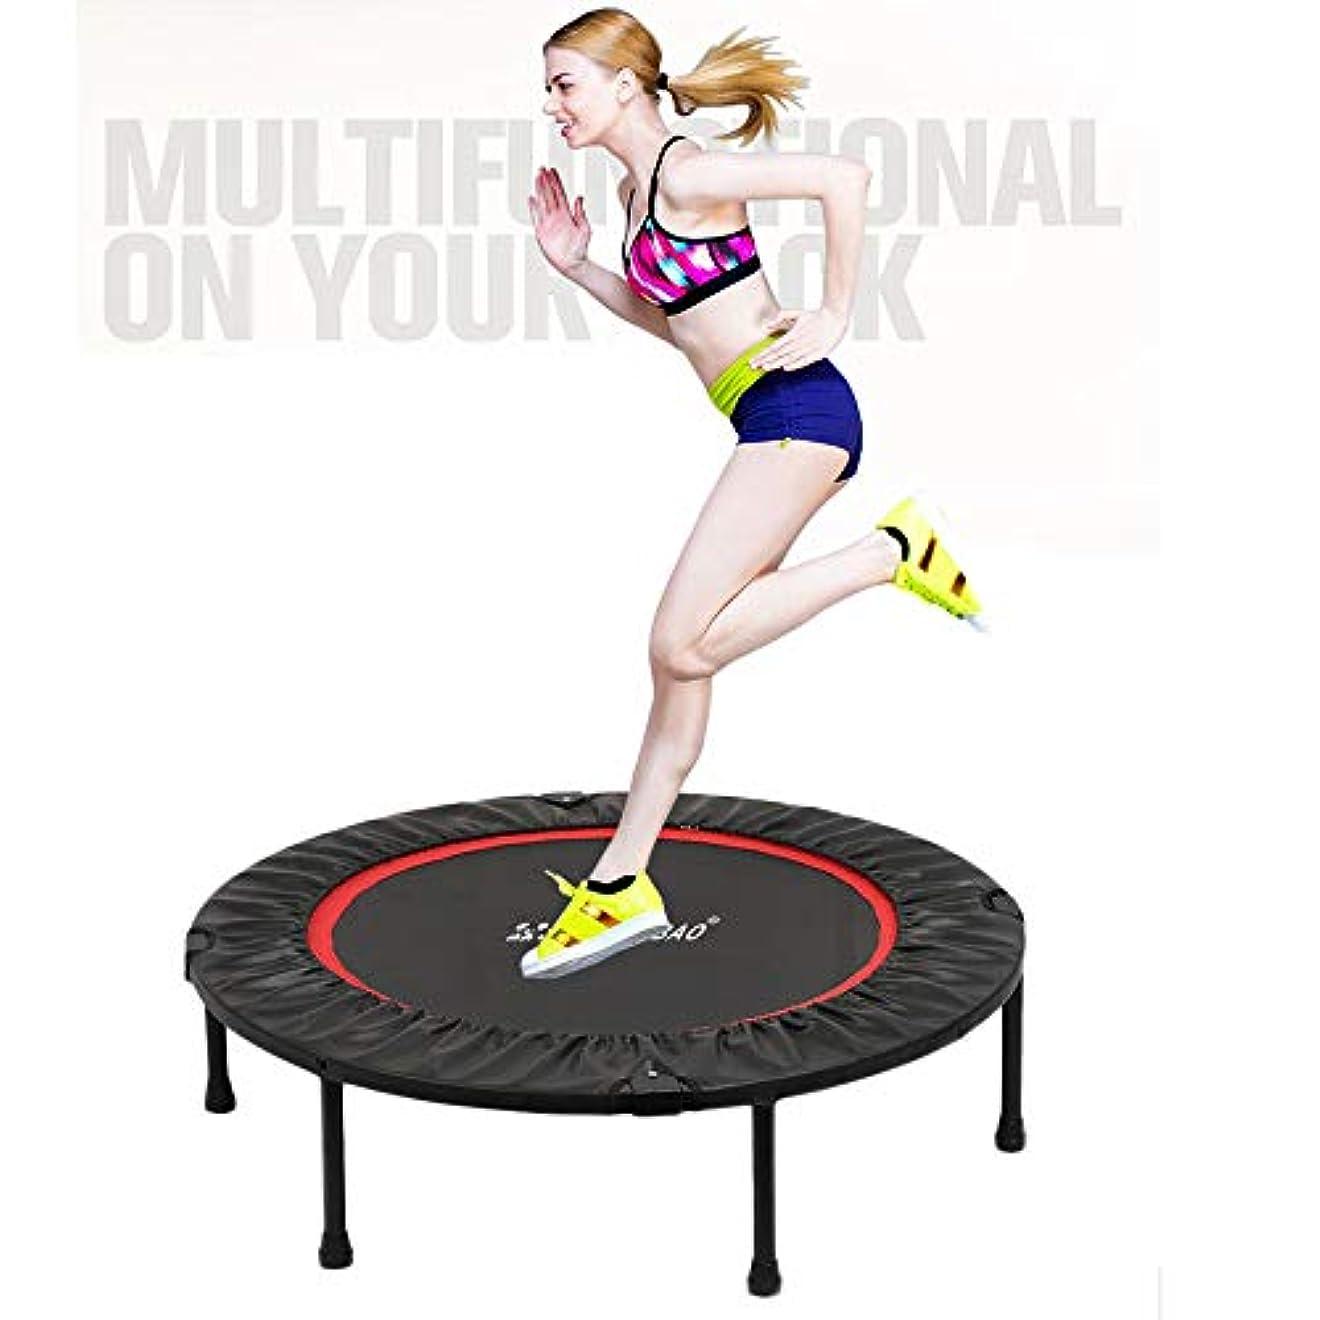 安全性昇進サーバトランポリンミニ大人、屋内体操、ハンドル付きトランポリン220ポンド(48インチ) のジムフィットネス/減量